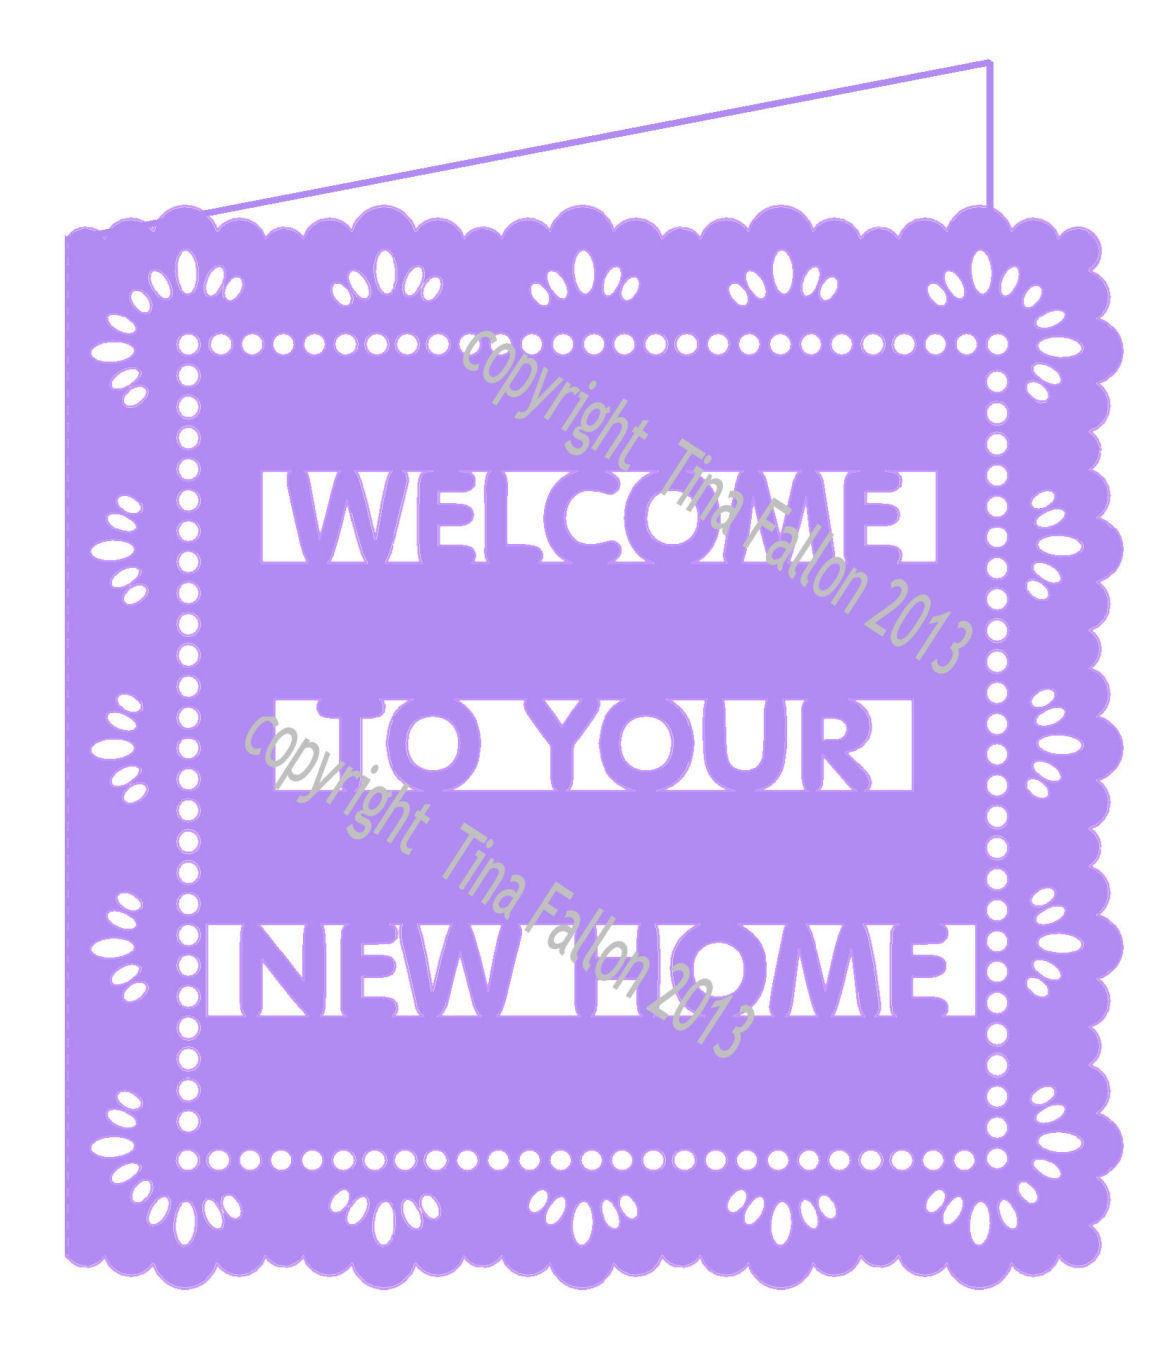 New home No 5